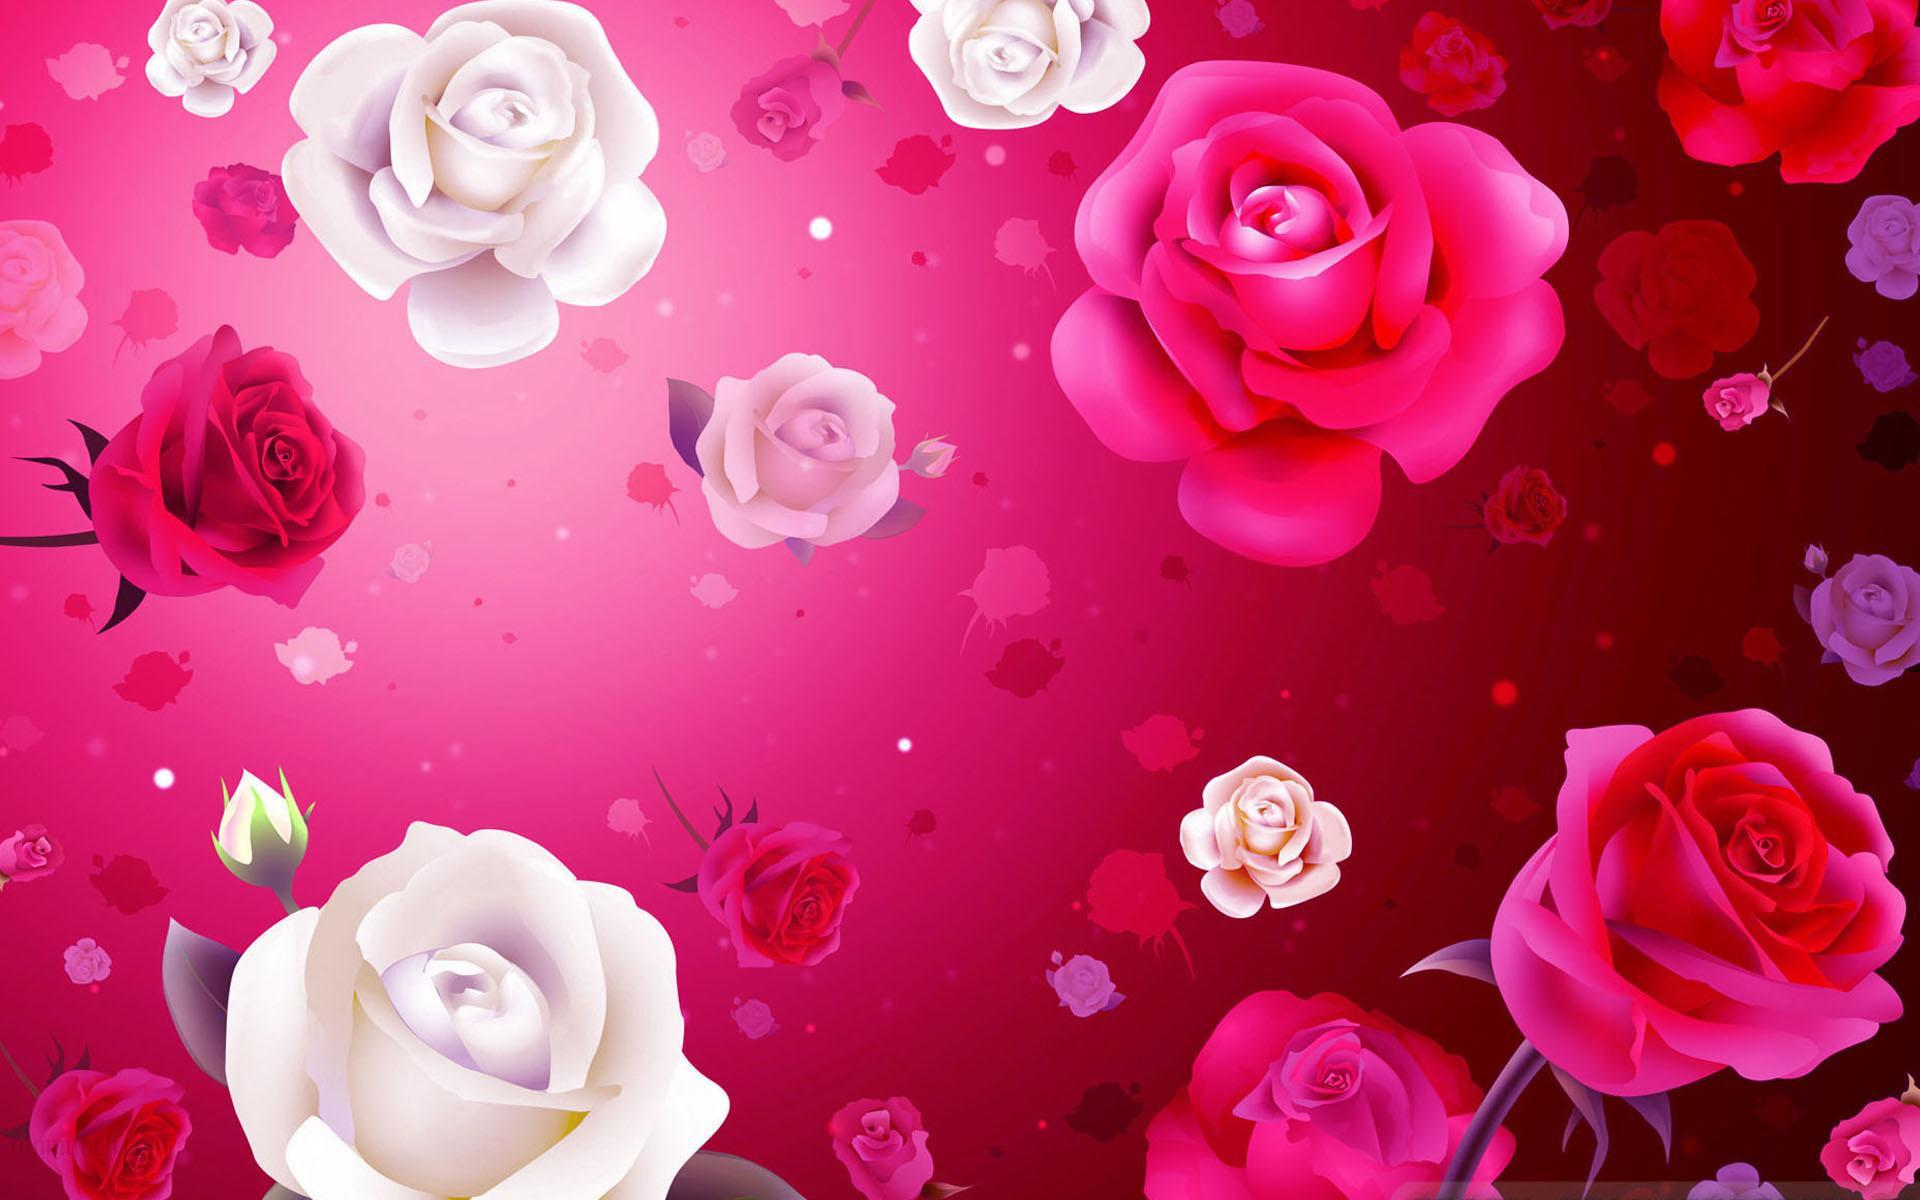 wallpaper wallpapers valentines desktop desktops 1920x1200 1920x1200